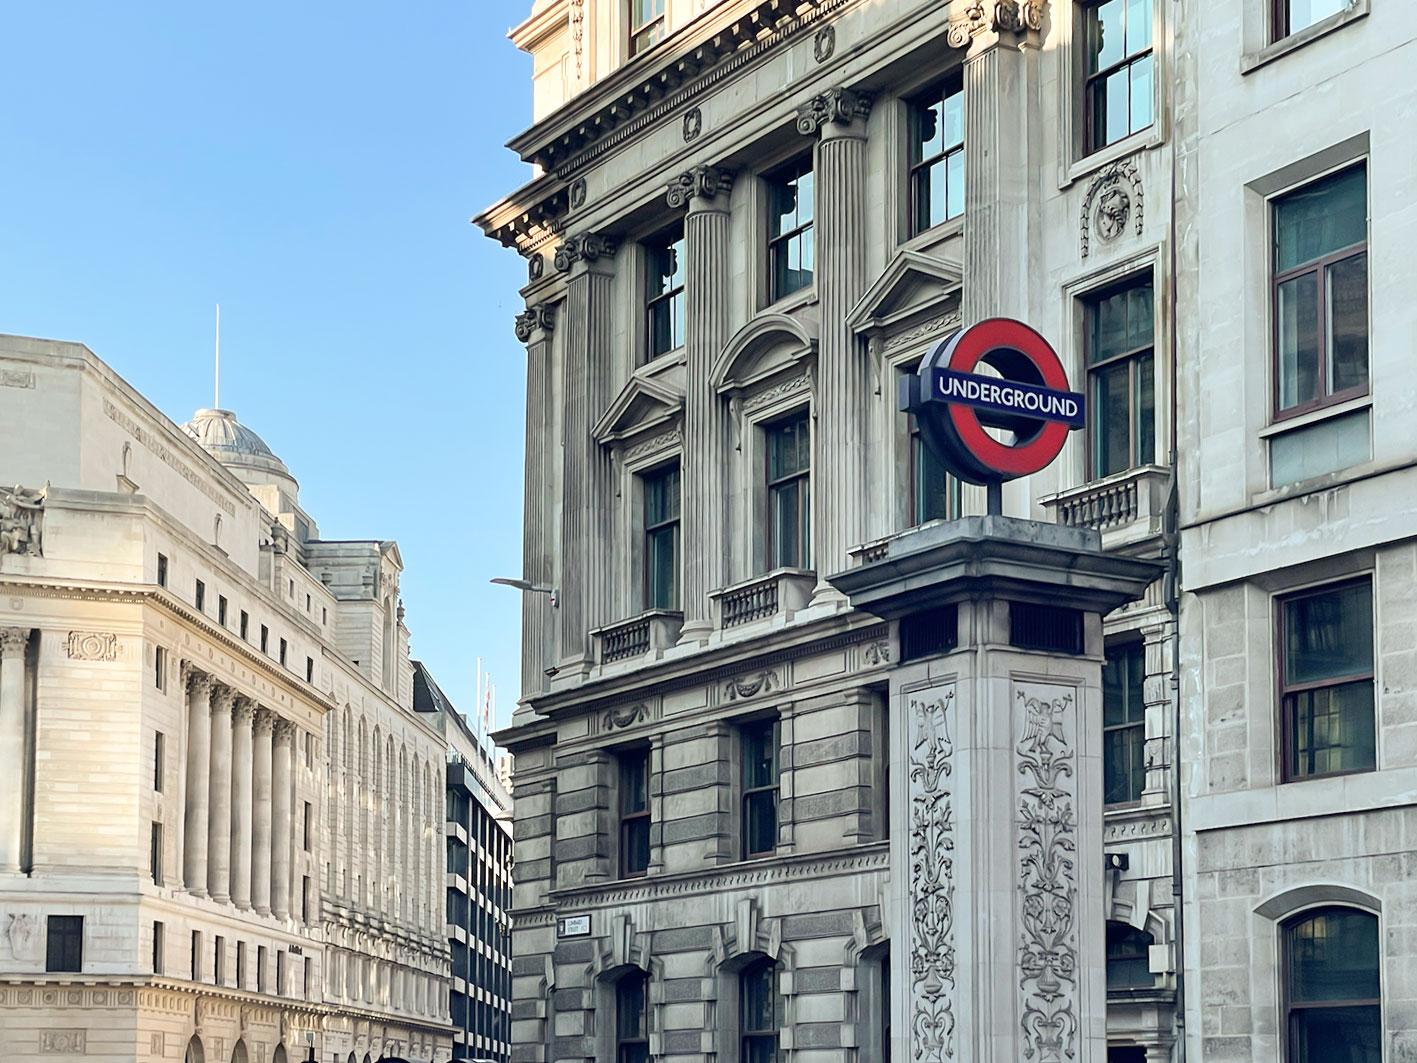 倫敦實用地圖整理:倫敦地鐵路線圖